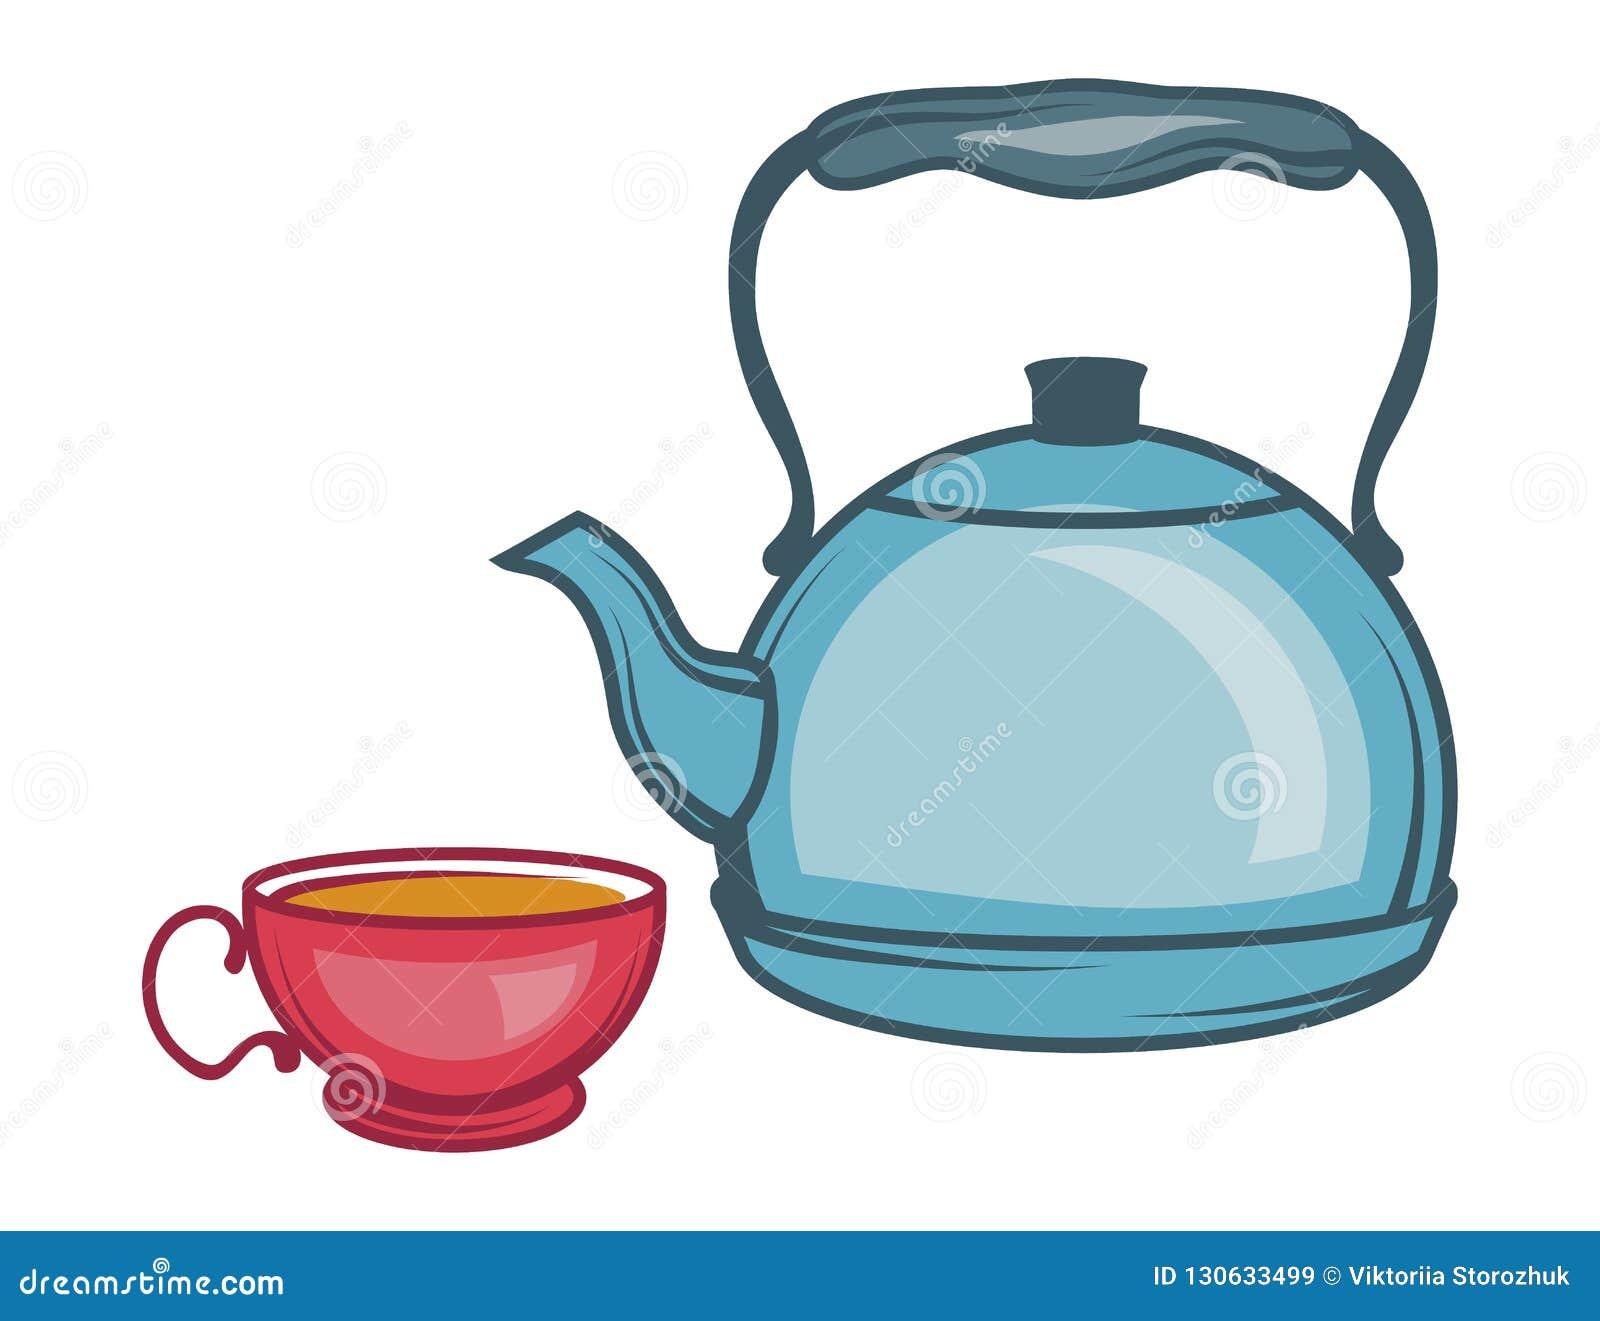 导航茶壶,在白色背景,茶壶商标的手拉的茶壶的例证